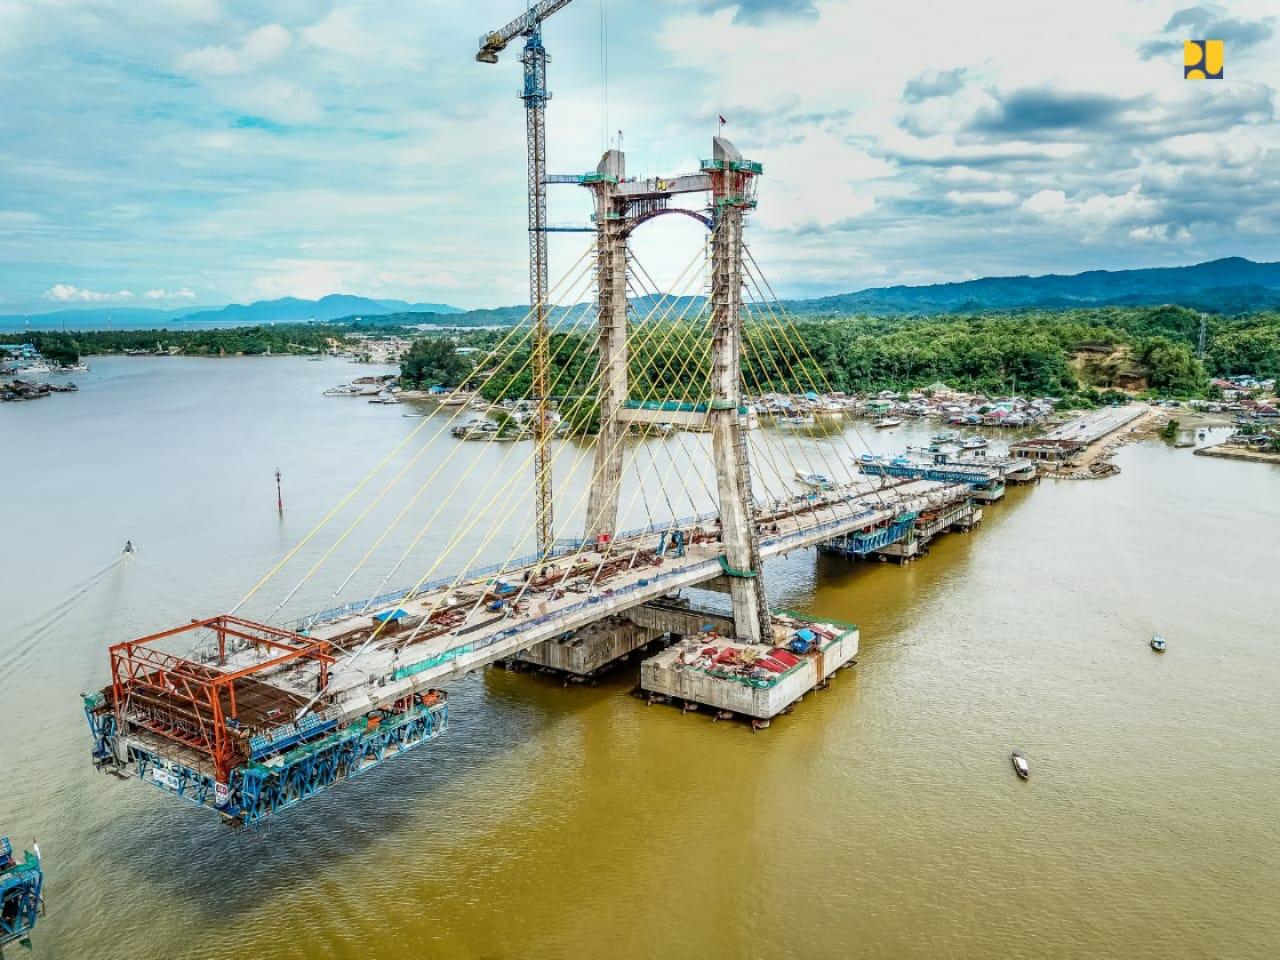 https: img.okezone.com content 2020 03 27 320 2189874 pembangunan-sudah-85-jembatan-teluk-kendari-jadi-penghubung-ke-new-port-bungkutoko-pYf23oFZdL.jpeg